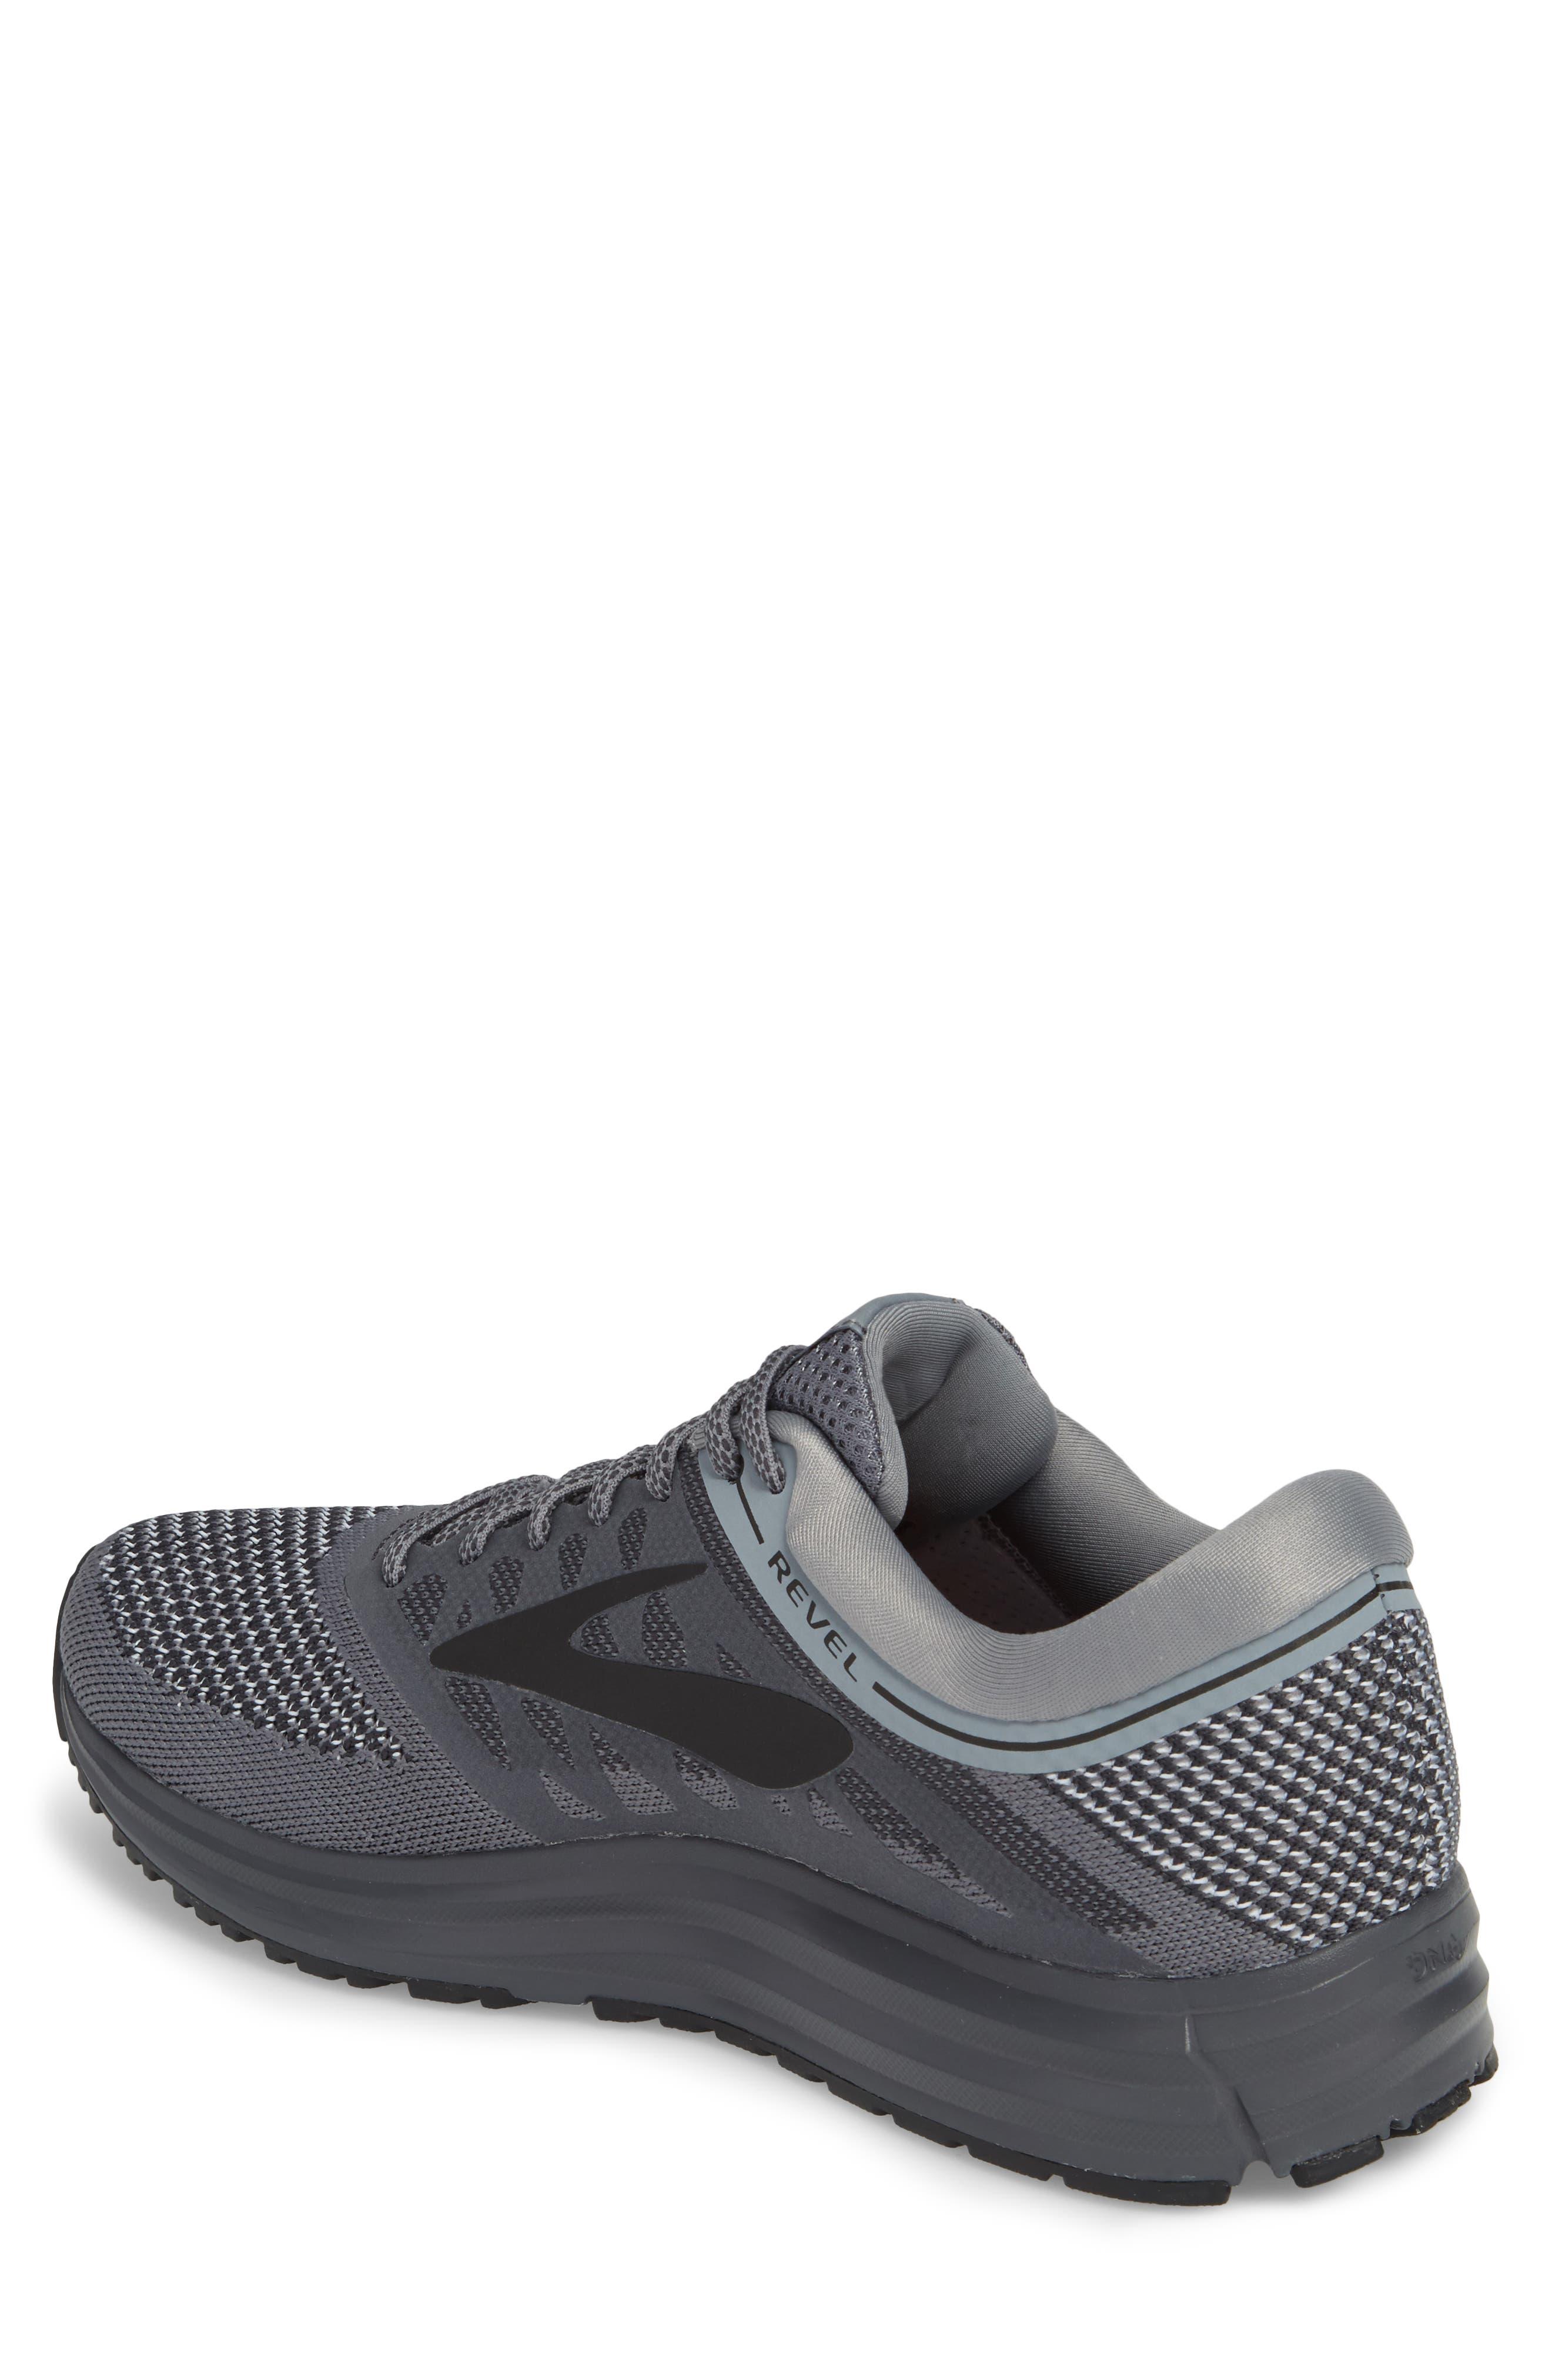 Revel Sneaker,                             Alternate thumbnail 2, color,                             089